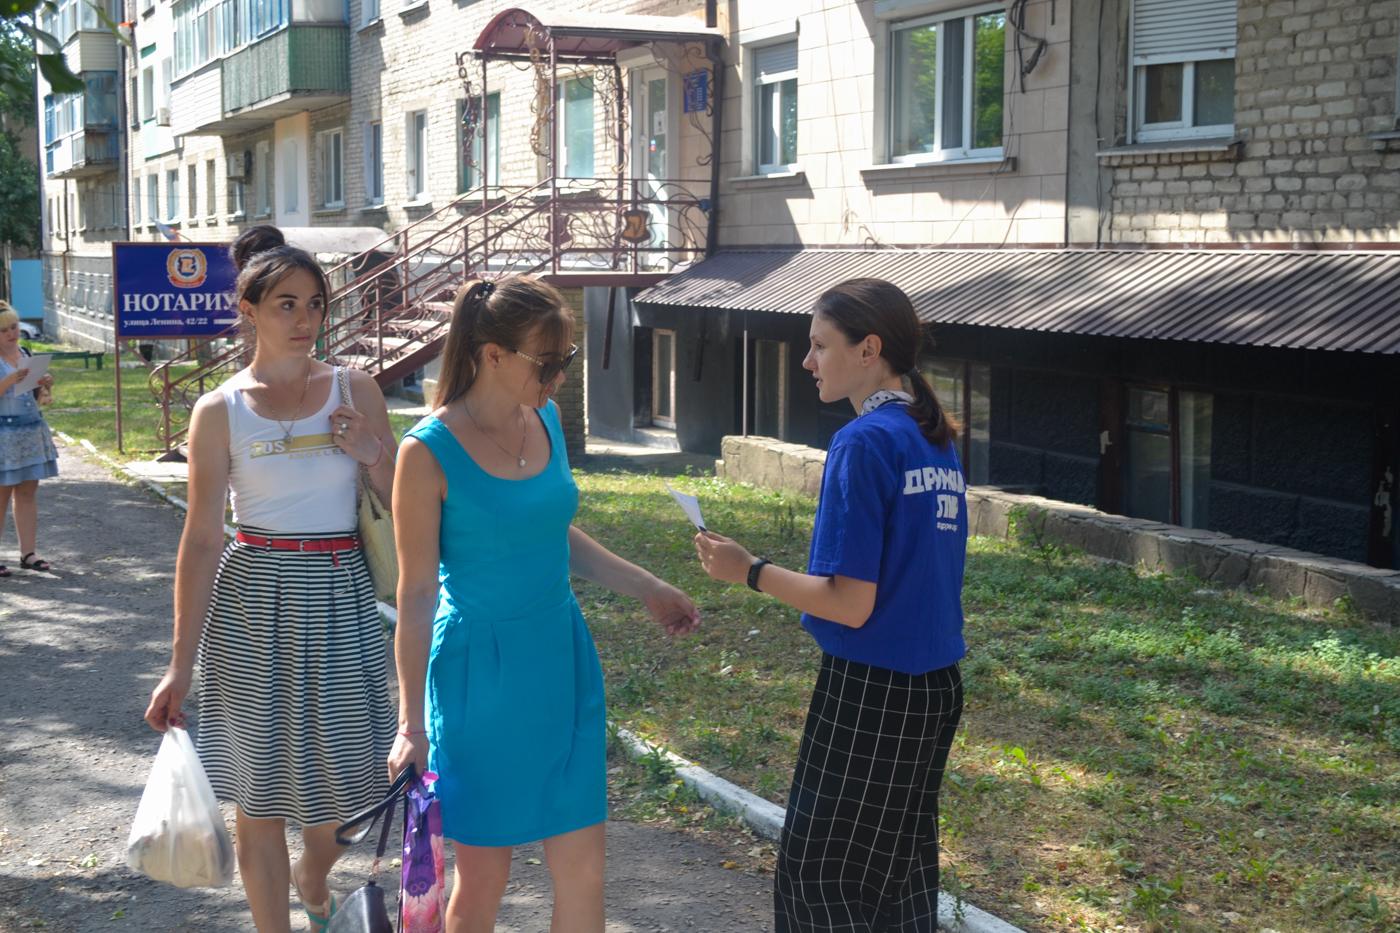 Жителей города Ровеньки проинформировали об акции «Стоп наркотикам!» 2